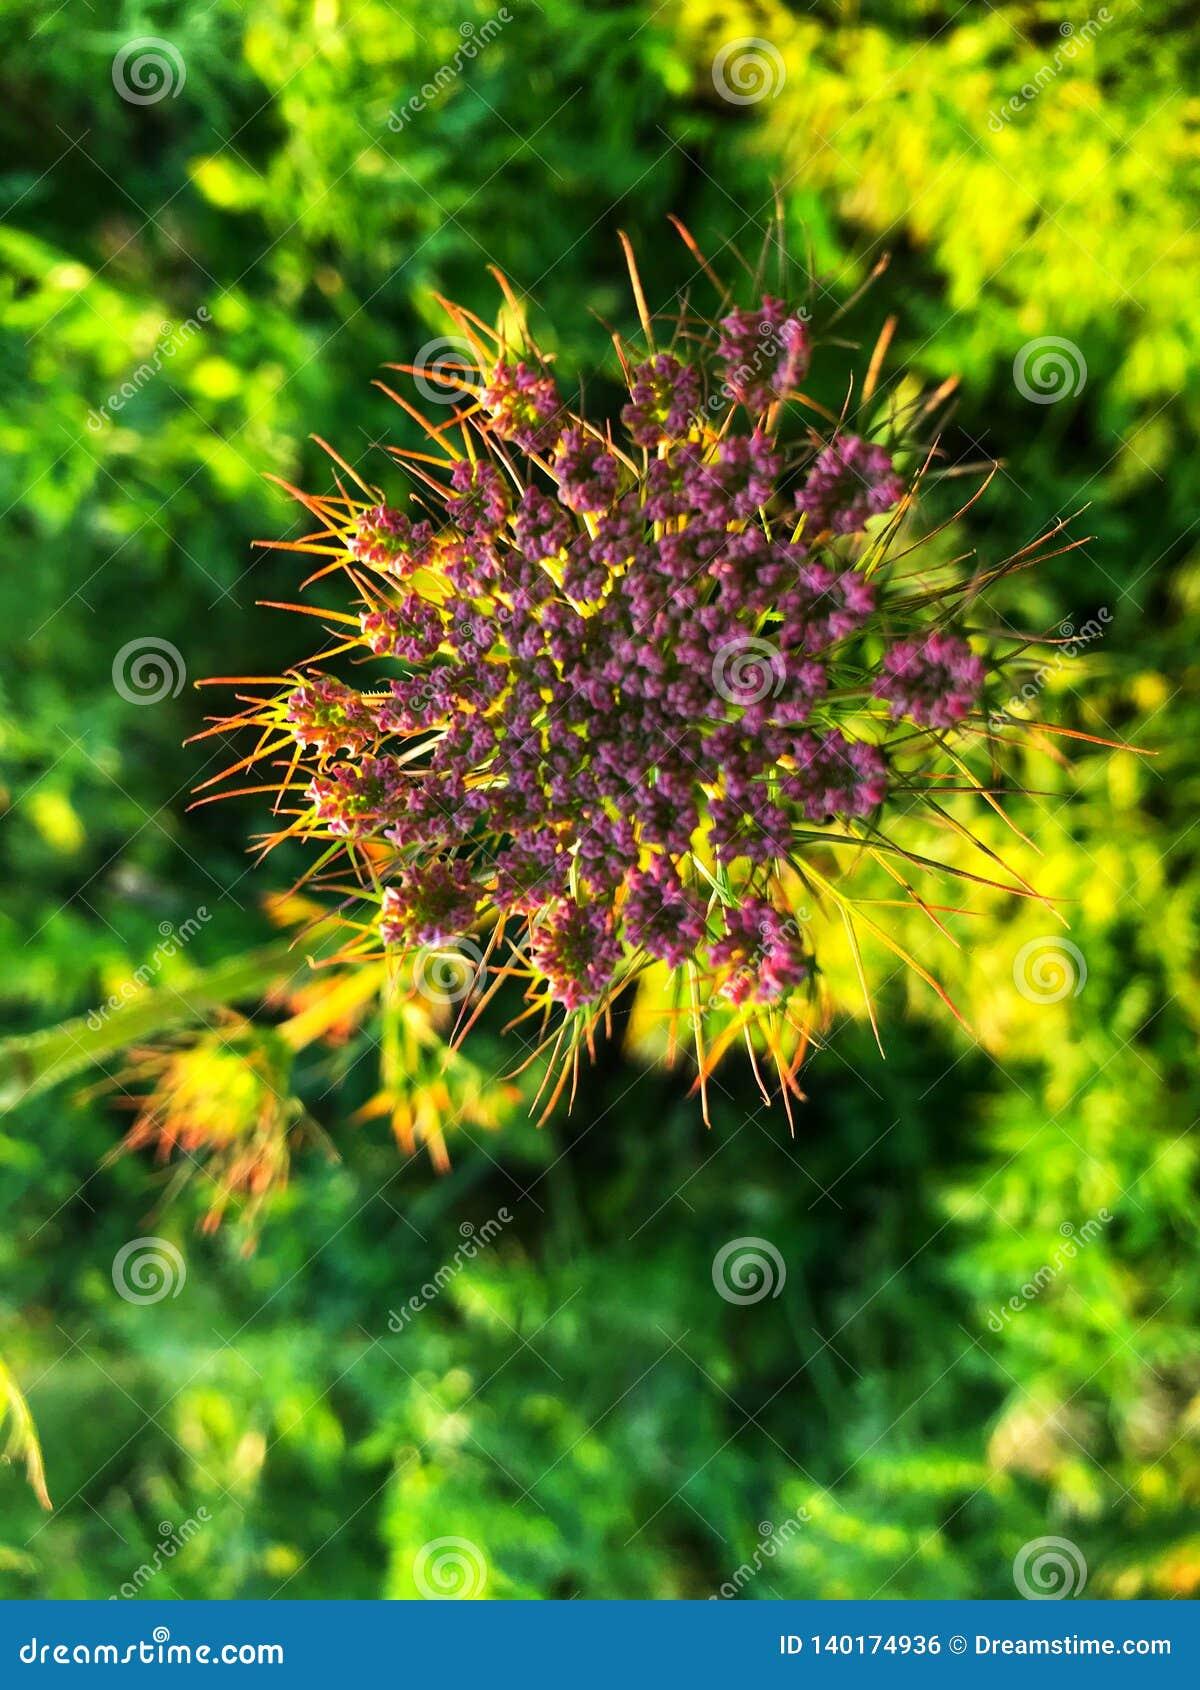 Beautiful purple flower in village